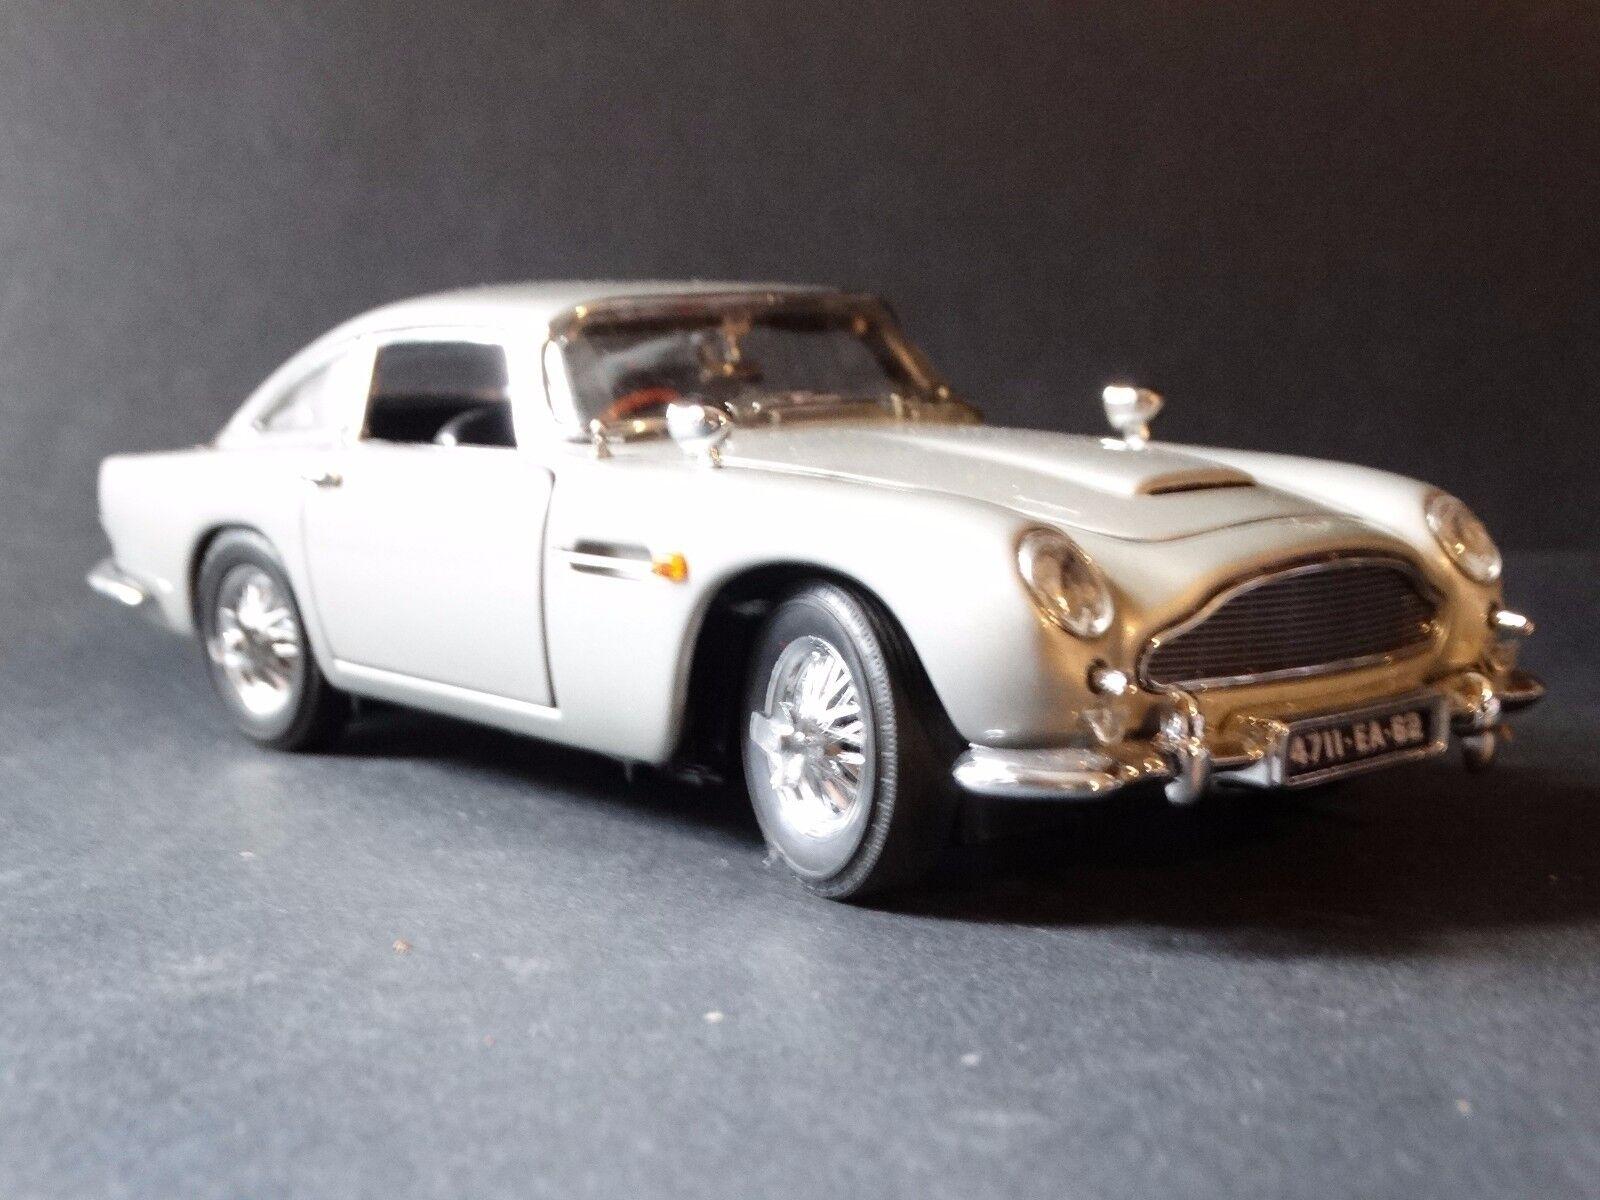 Entrega rápida y envío gratis en todos los pedidos. Danbury Mint de de de James Bond 1964 Aston Martin 007 DB5 1 24 escala Diecast Modelo de Coche  lo último